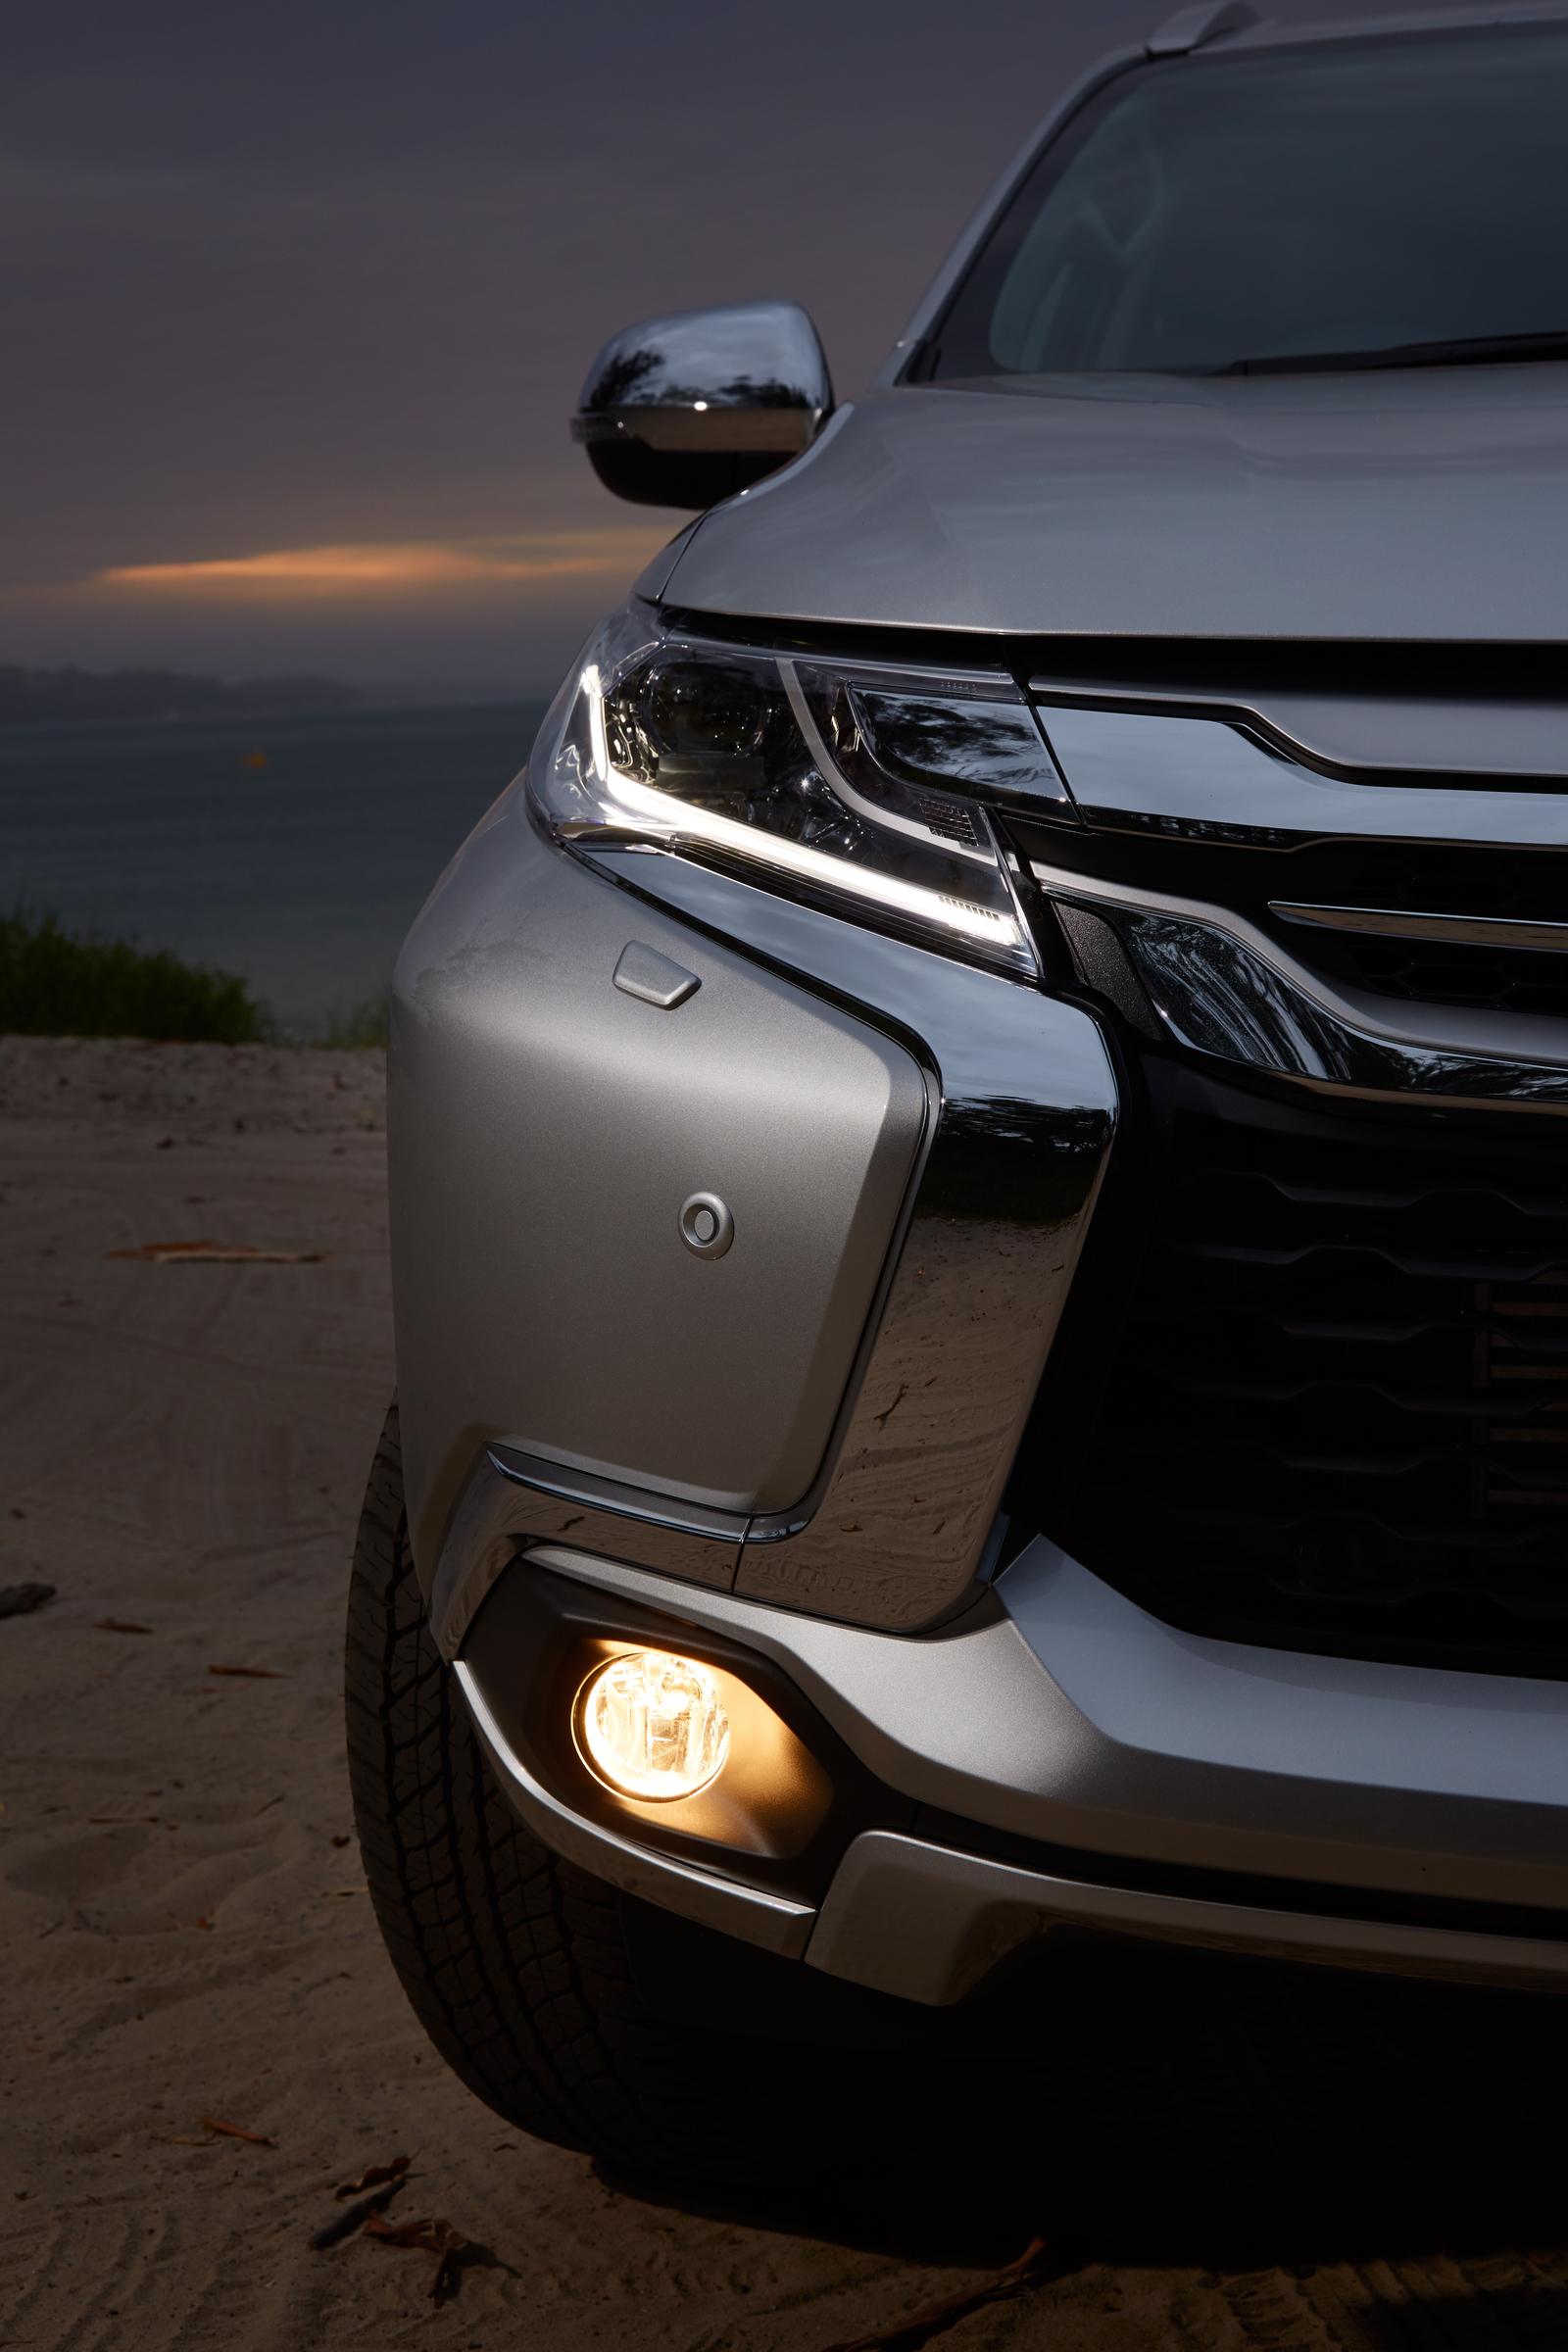 2016 Mitsubishi Pajero Sport Headlamp